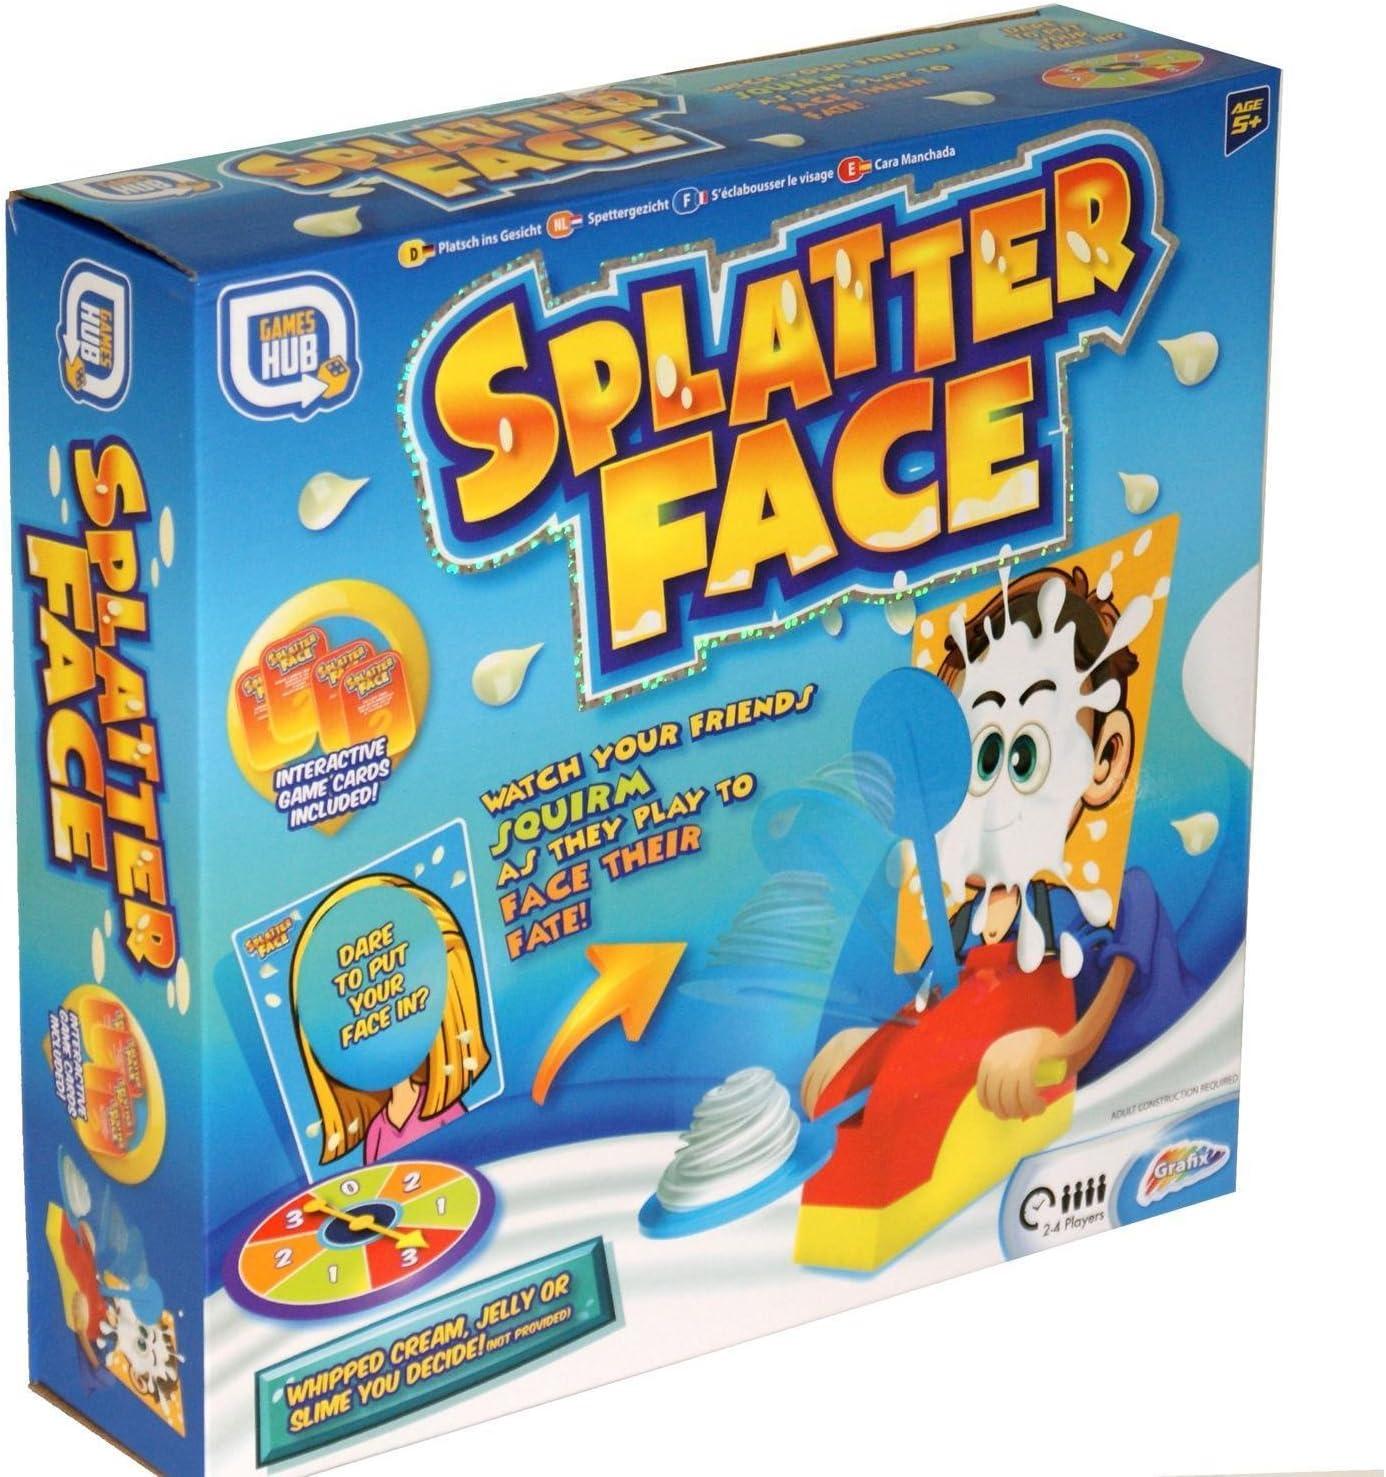 Grafix Splatter Face Cream PIE Juego Actividad NIÑOS DIVERSIÓN NIÑOS Present Party Family: Amazon.es: Juguetes y juegos